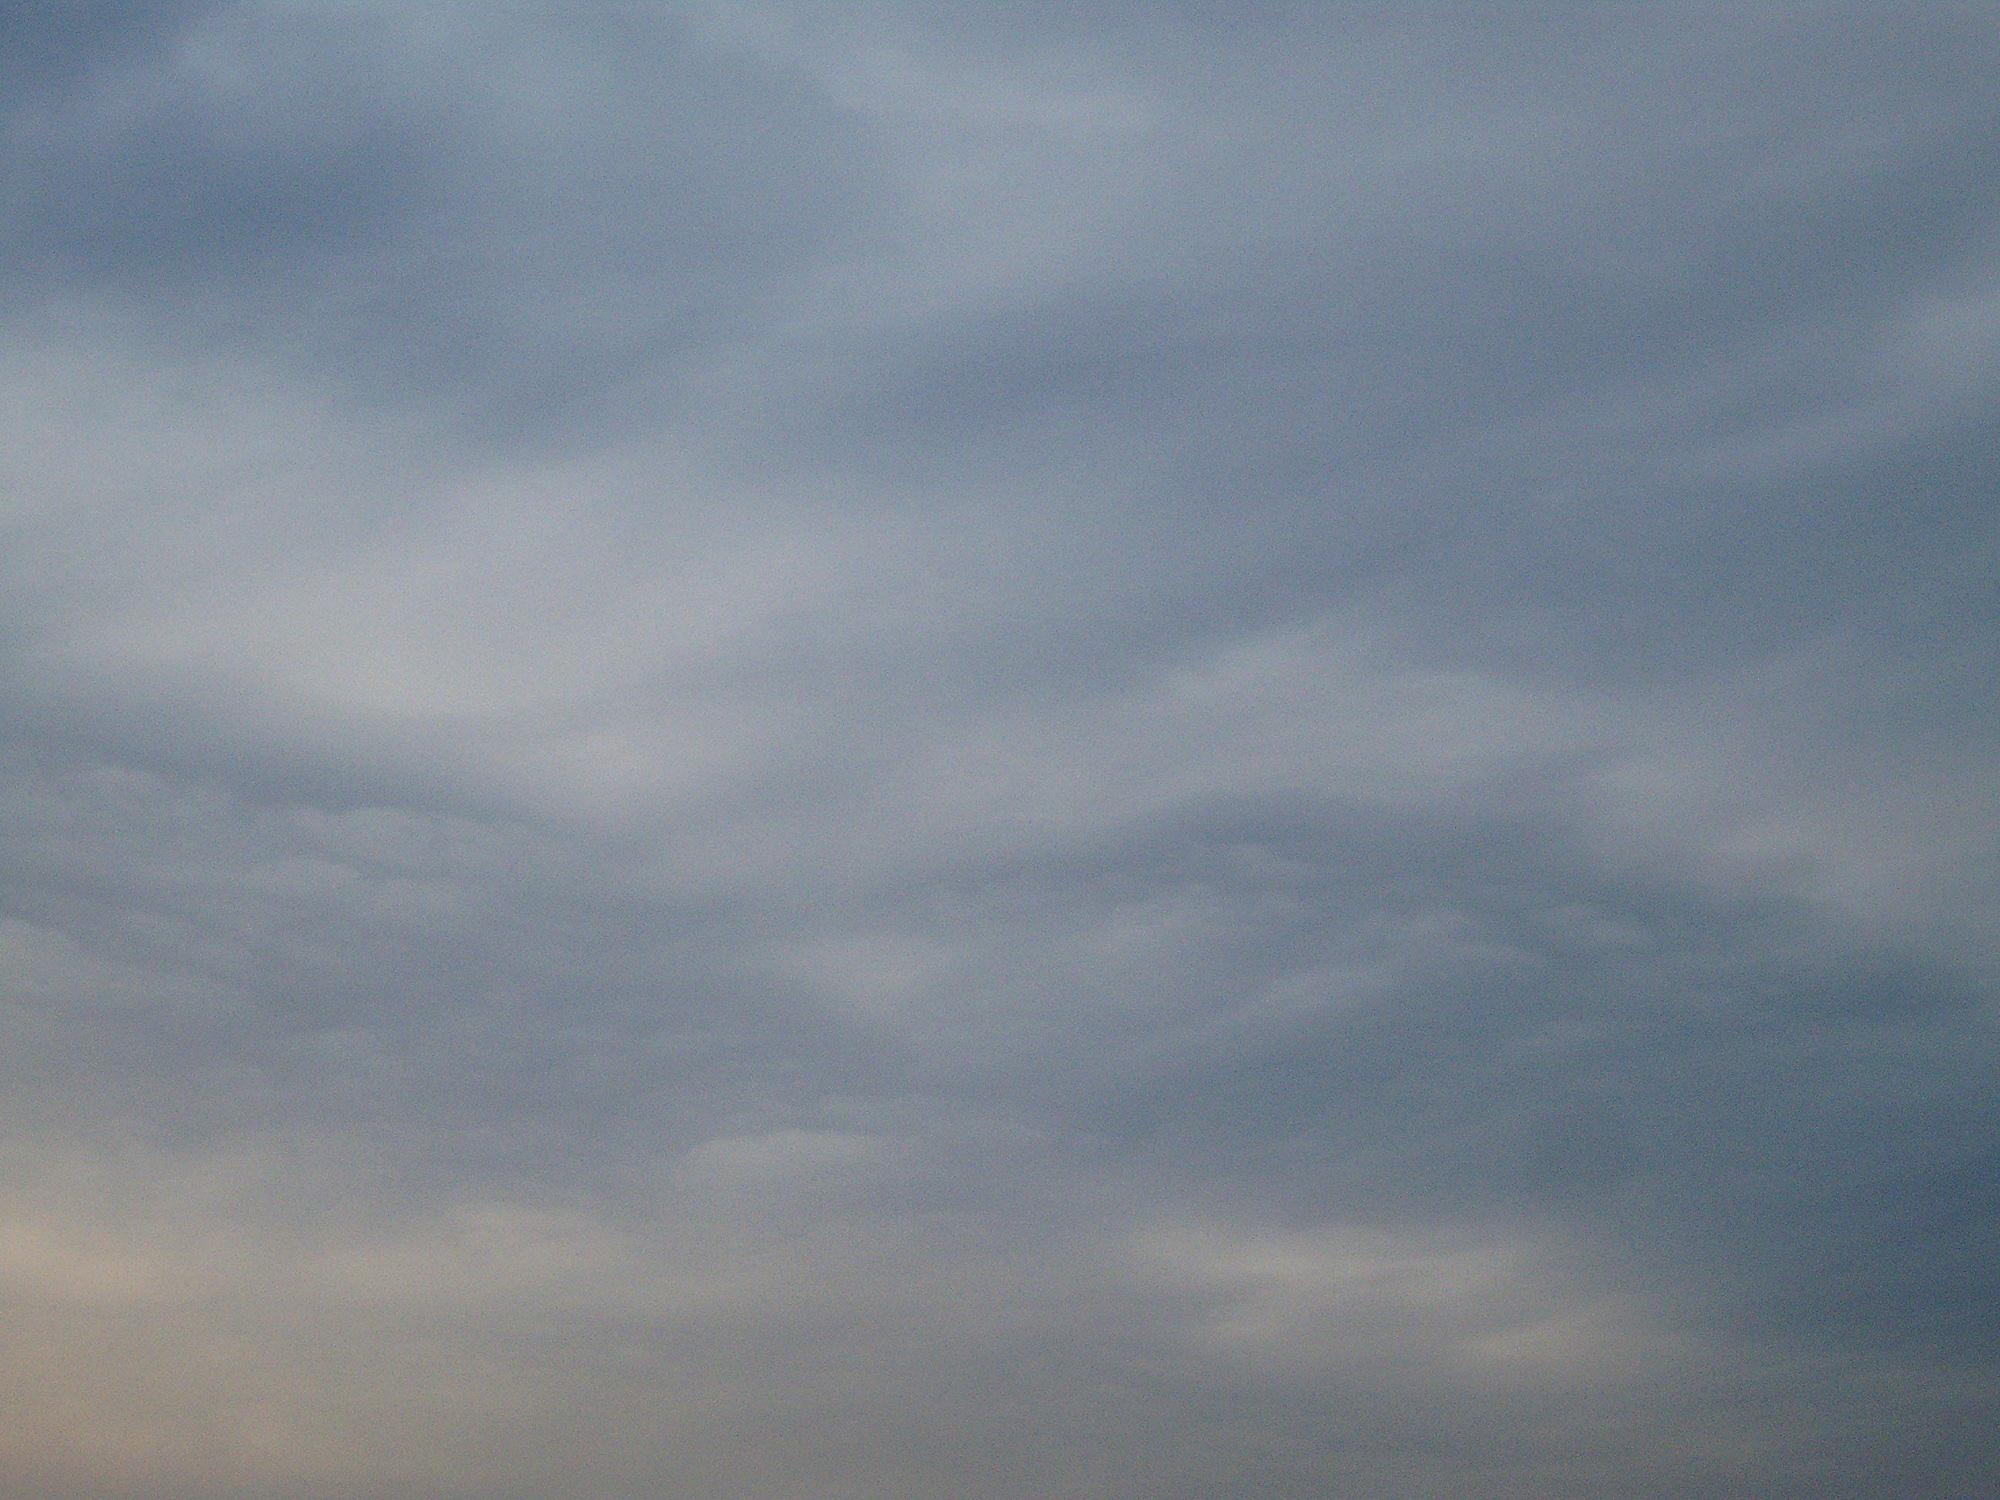 曇り空のフリー写真素材